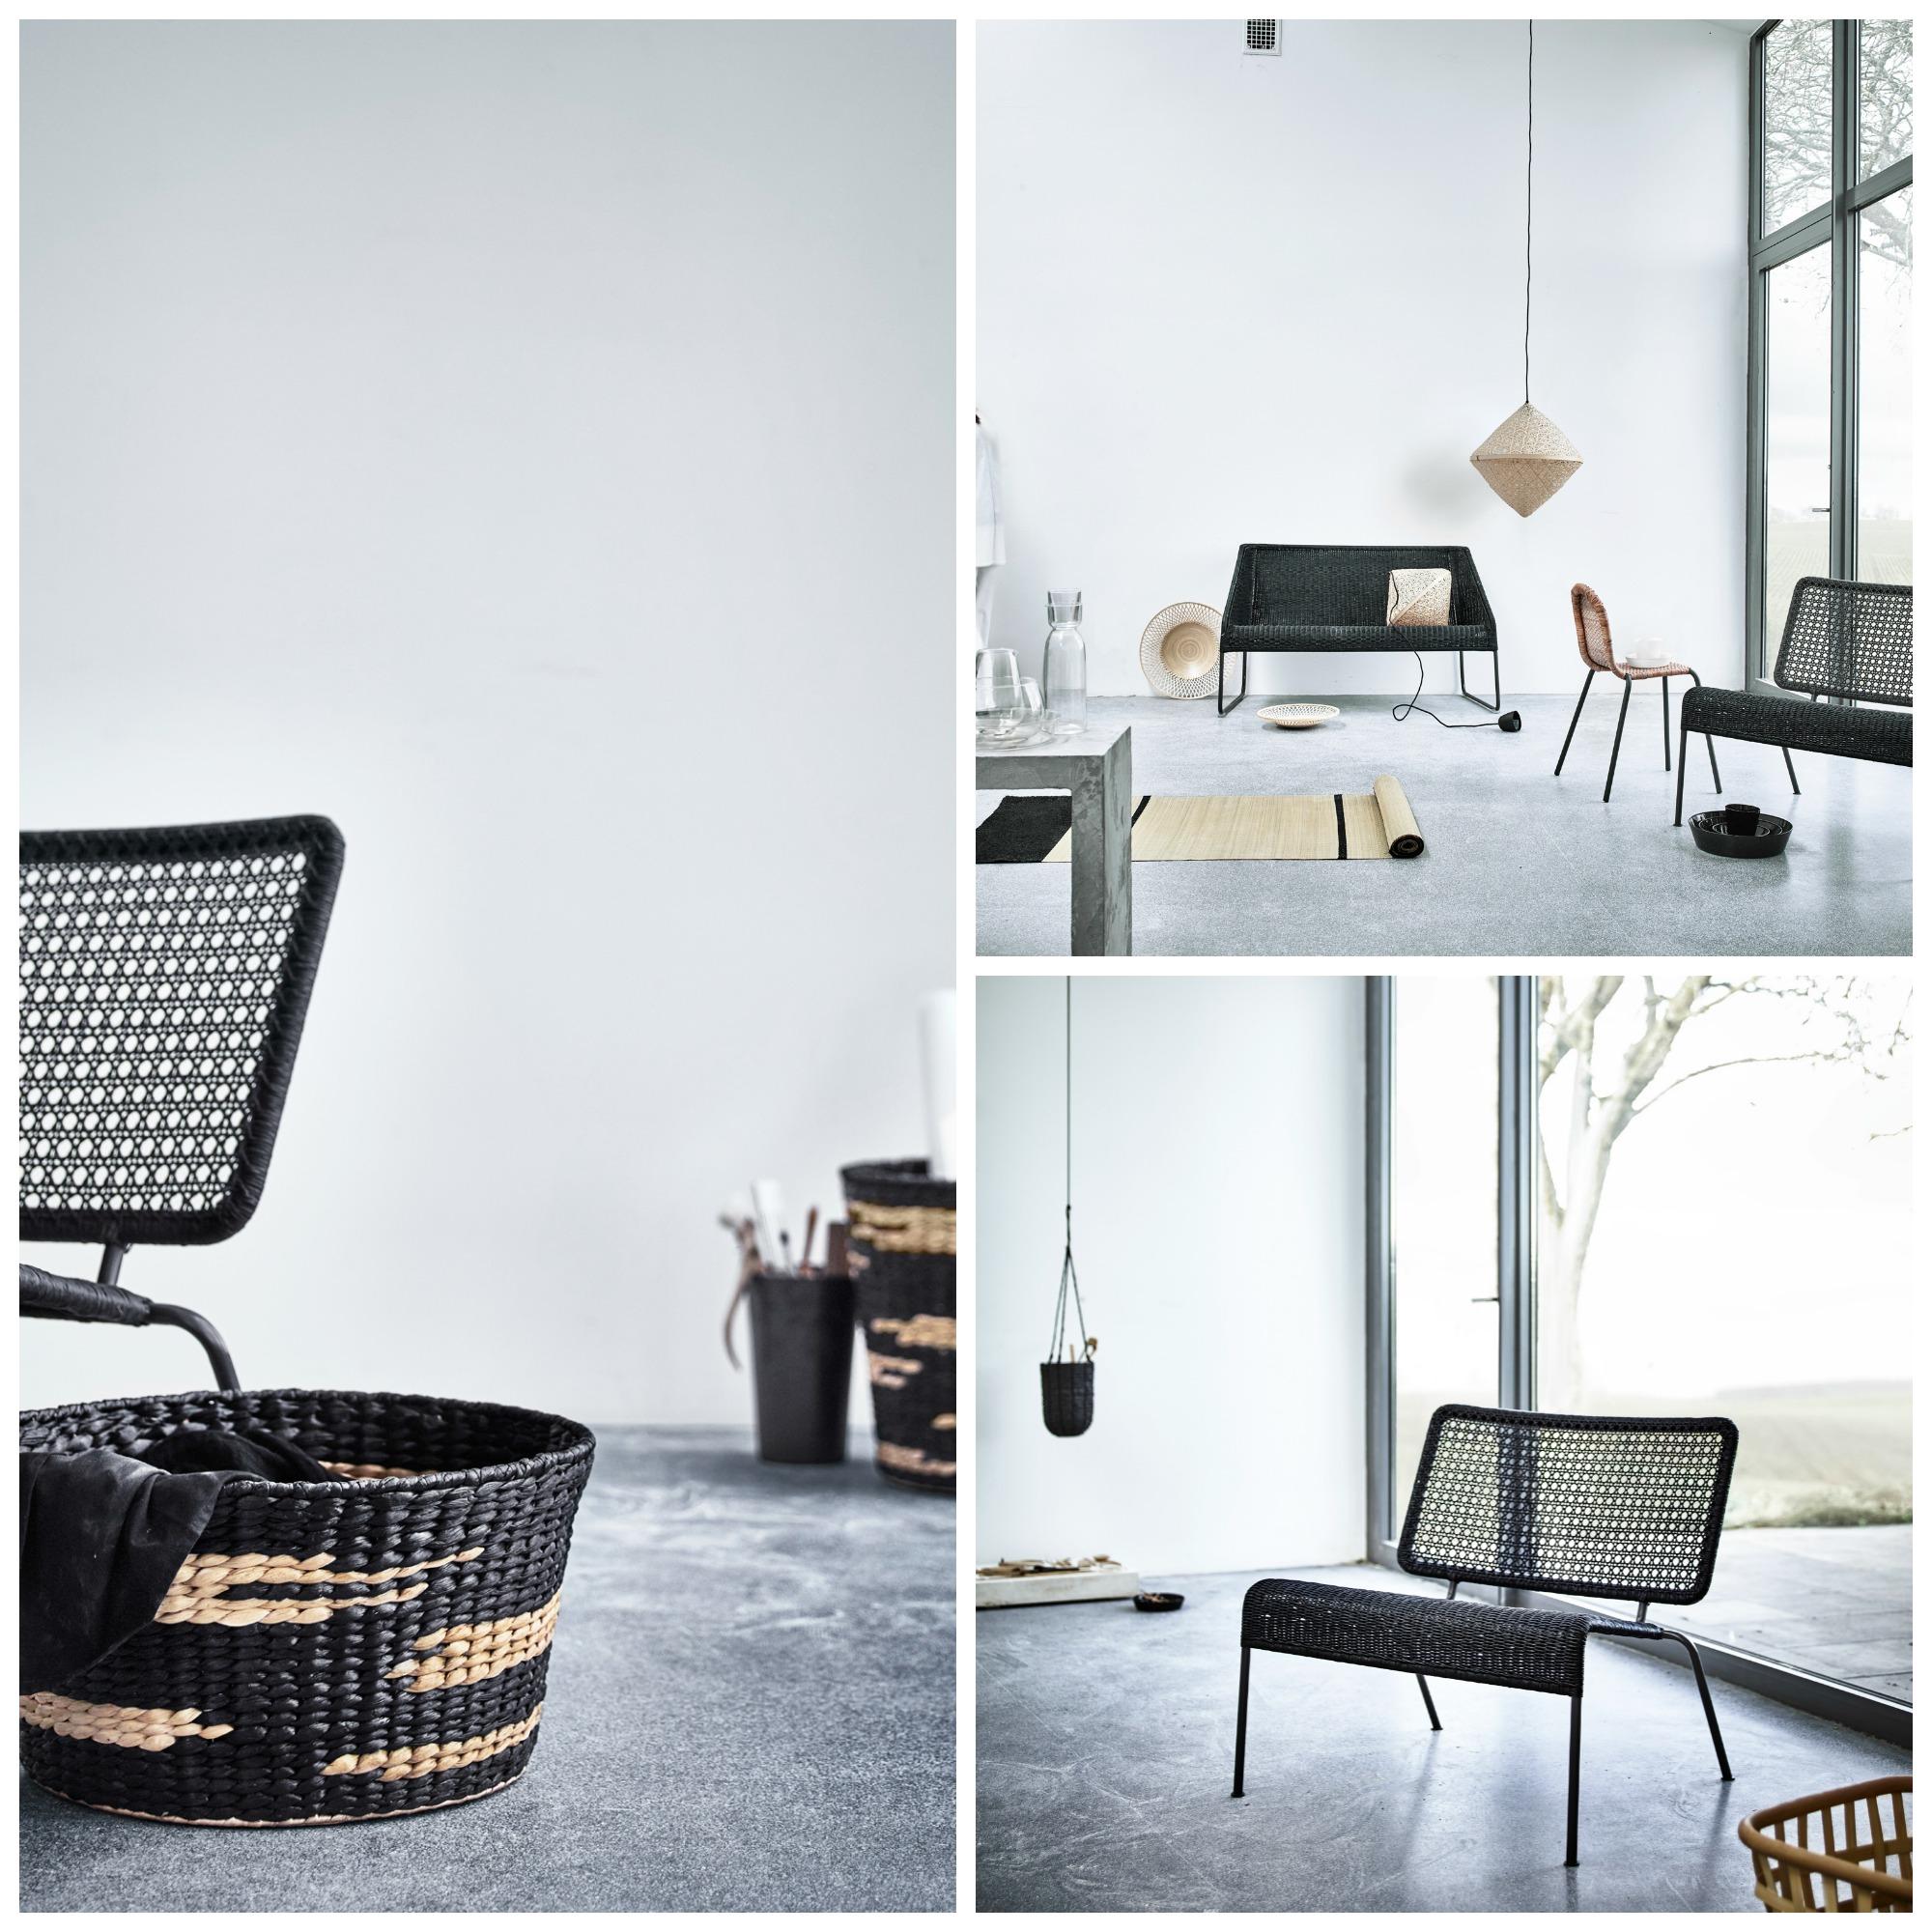 ikea viktigt 4 espresso moments. Black Bedroom Furniture Sets. Home Design Ideas